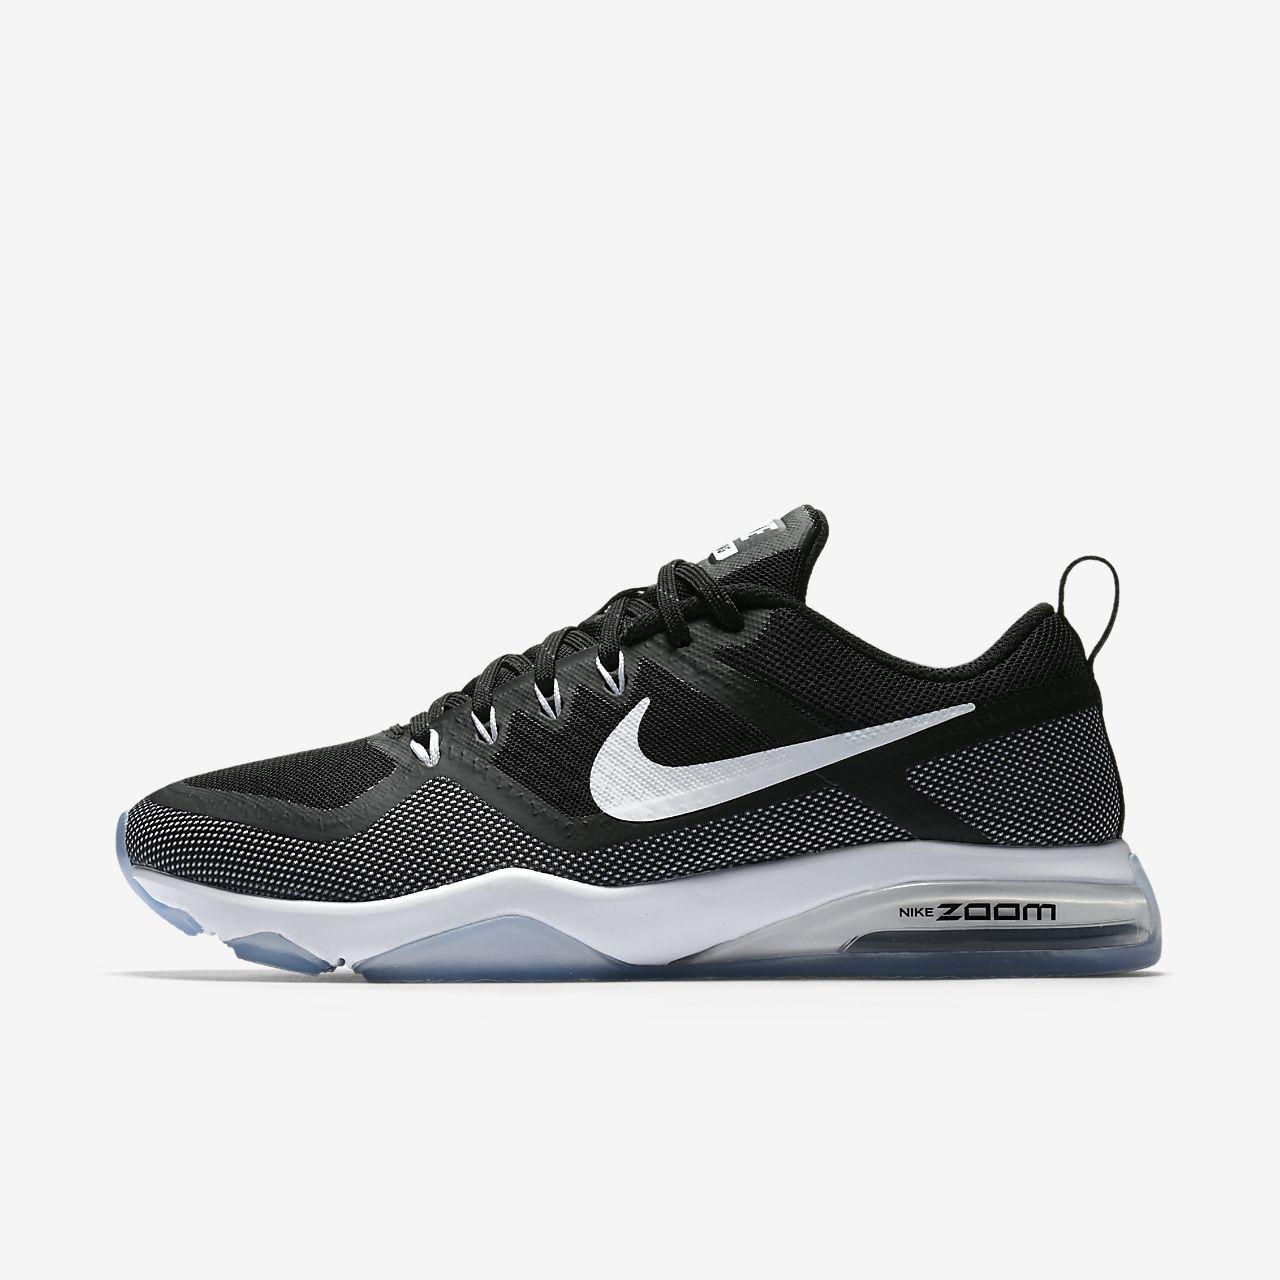 Wmns Fitness Zoom Nike Air - Chaussures De Sport Pour Les Hommes / Gris Nike dtuCd0